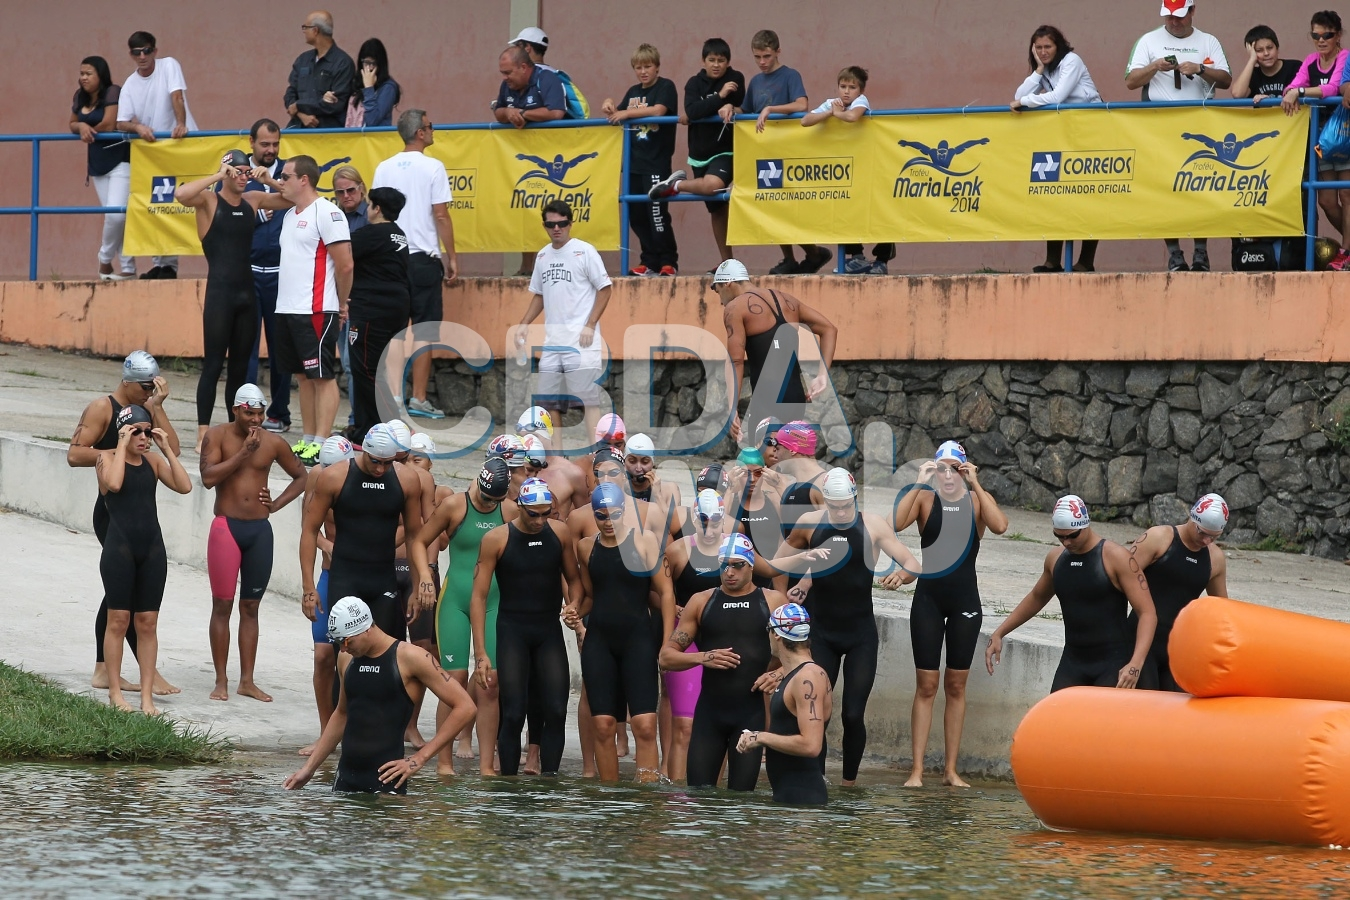 54º Trofeu Maria Lenk de Maratonas Aquaticas na raia Olimpica da USP. 26 de abril de 2014, Sao Paulo, SP, Brasil. Foto: Satiro Sodre/SSPress